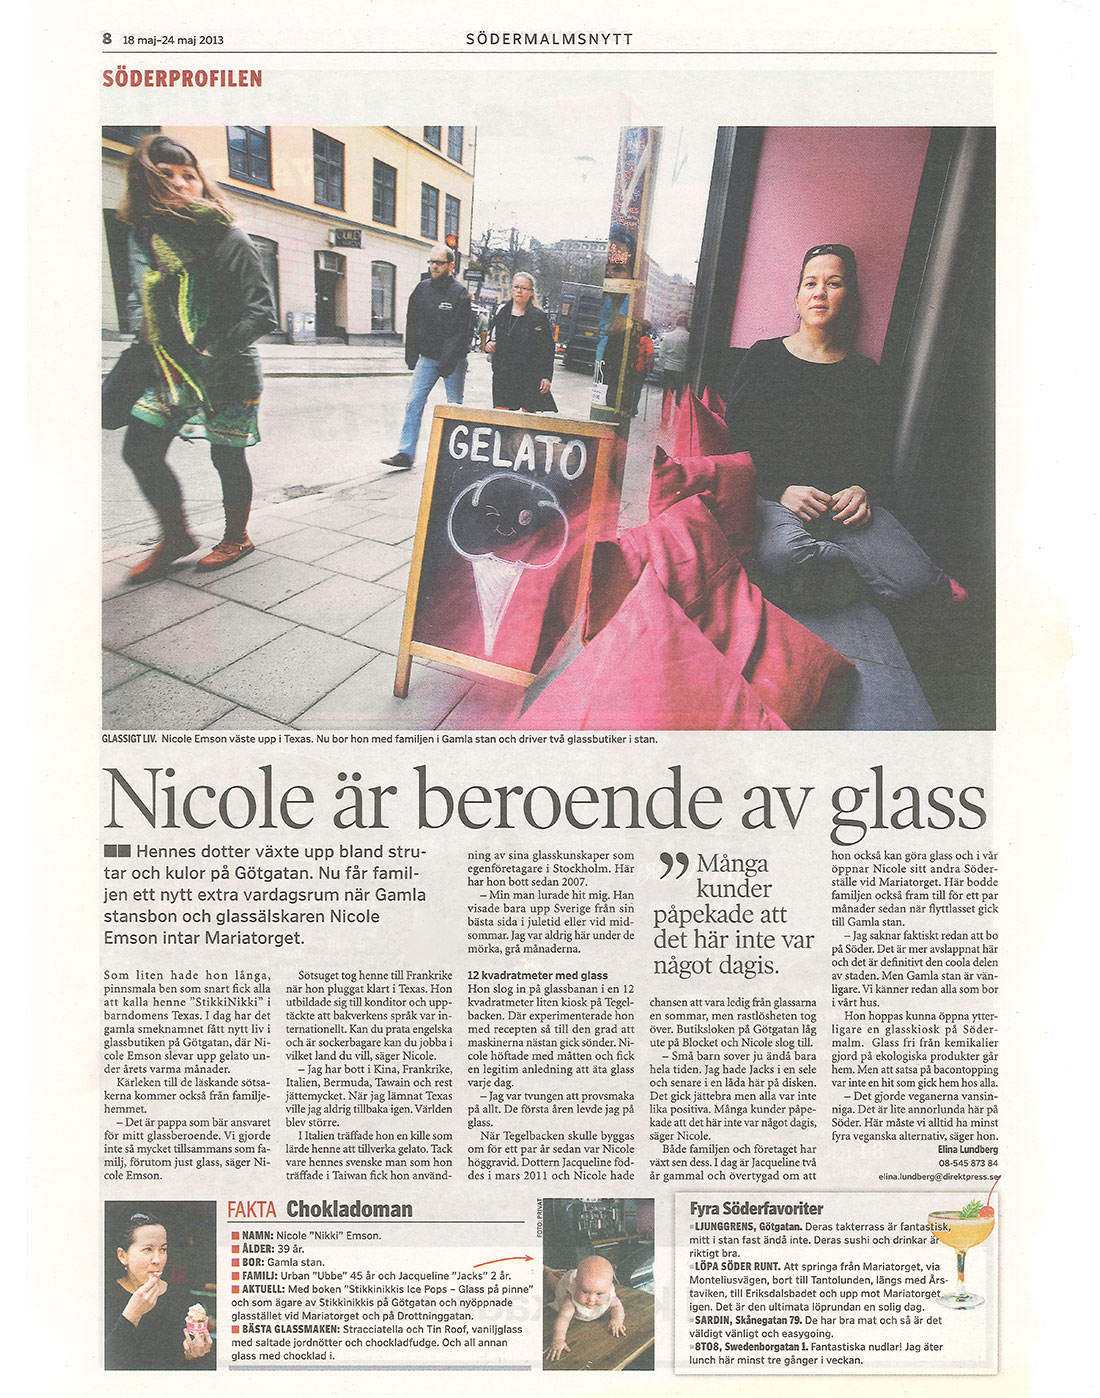 Södermalmsnytt - Nicole är beroende av glass - StikkiNikki